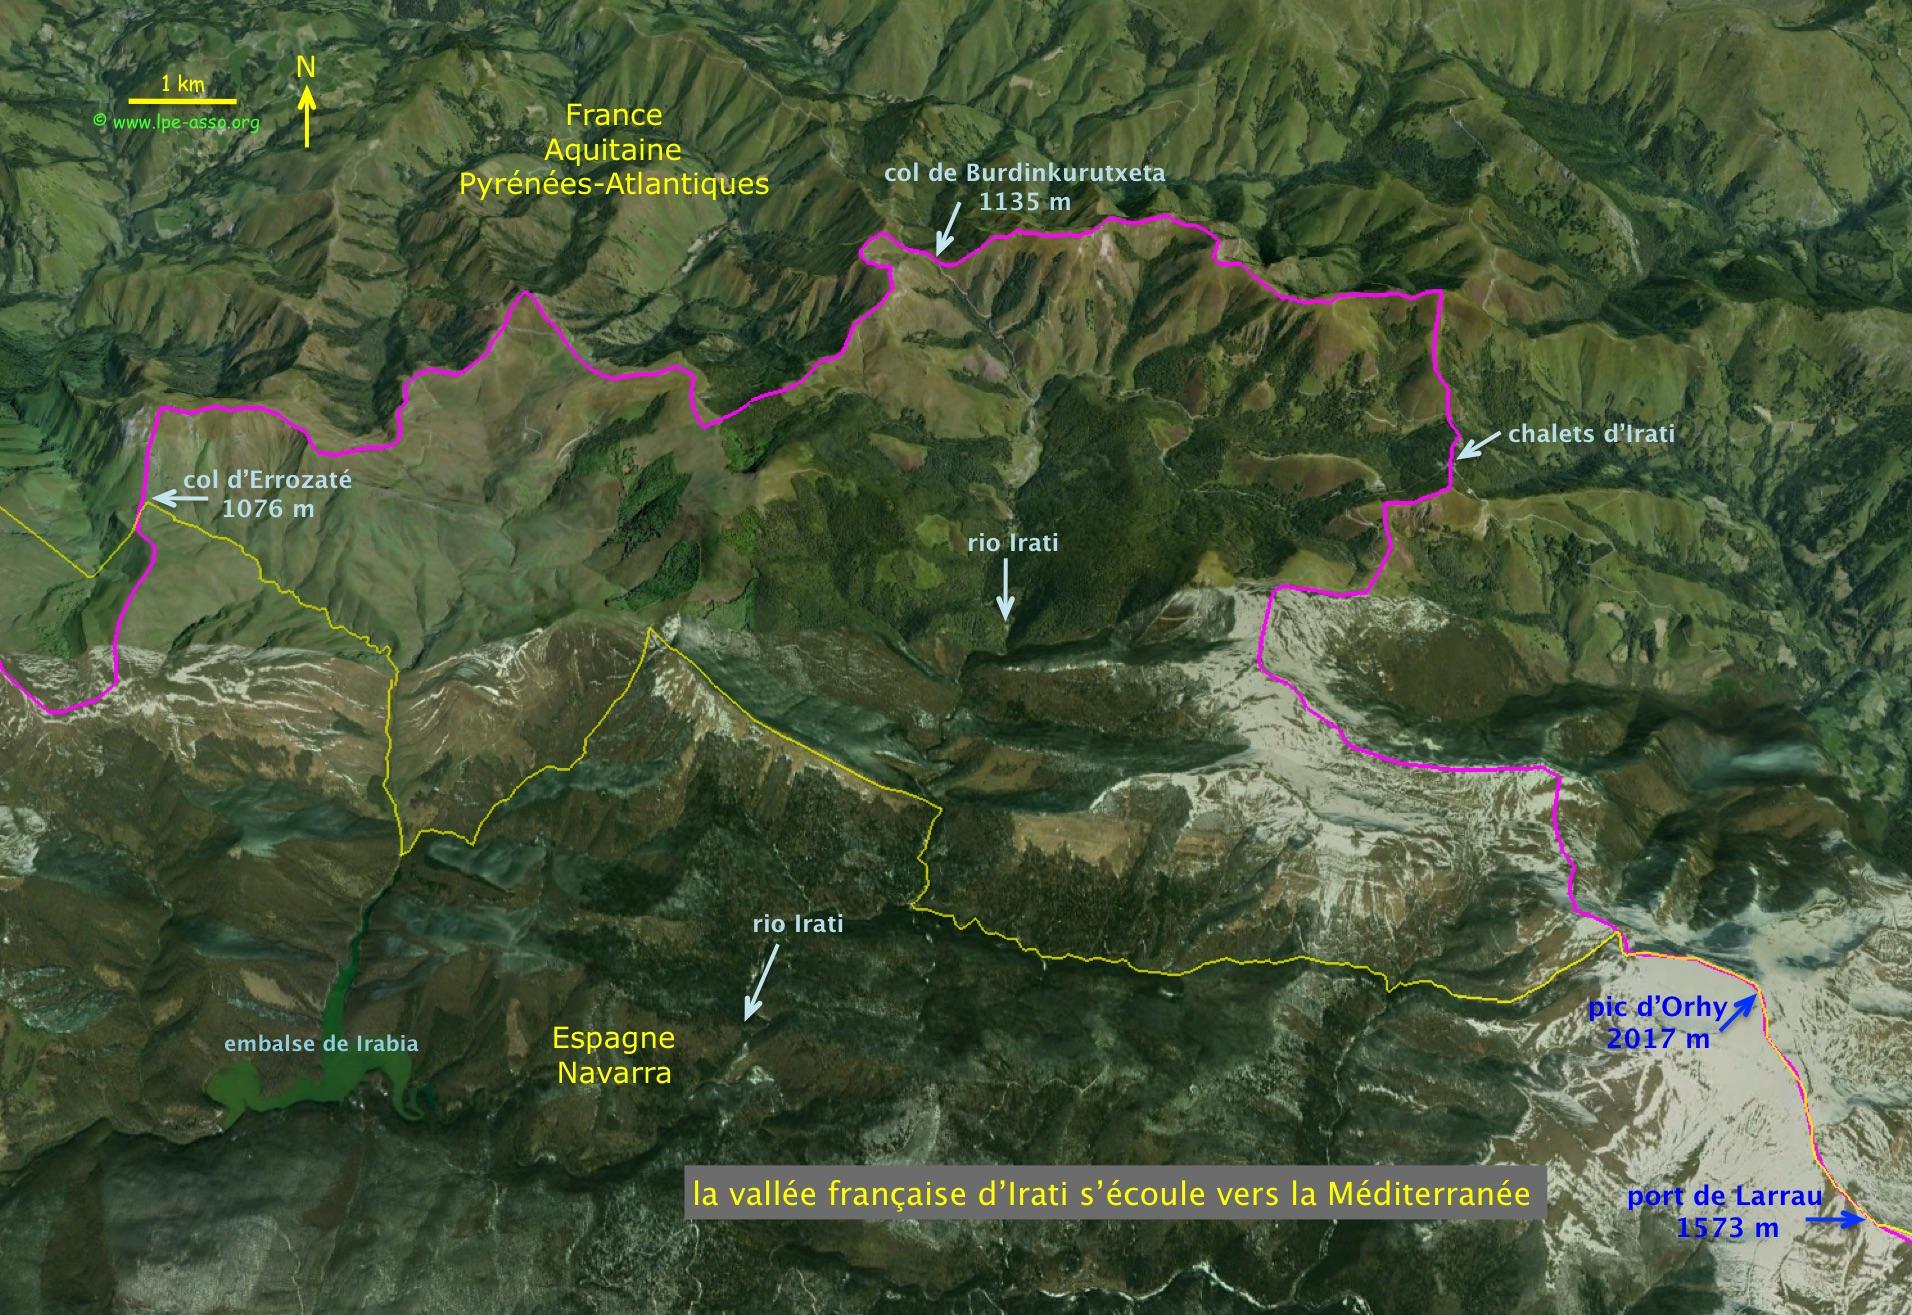 La vallée d'Irati, seule partie des Pyrénées-Atlantiques qui s'écoule vers la Méditerranée.